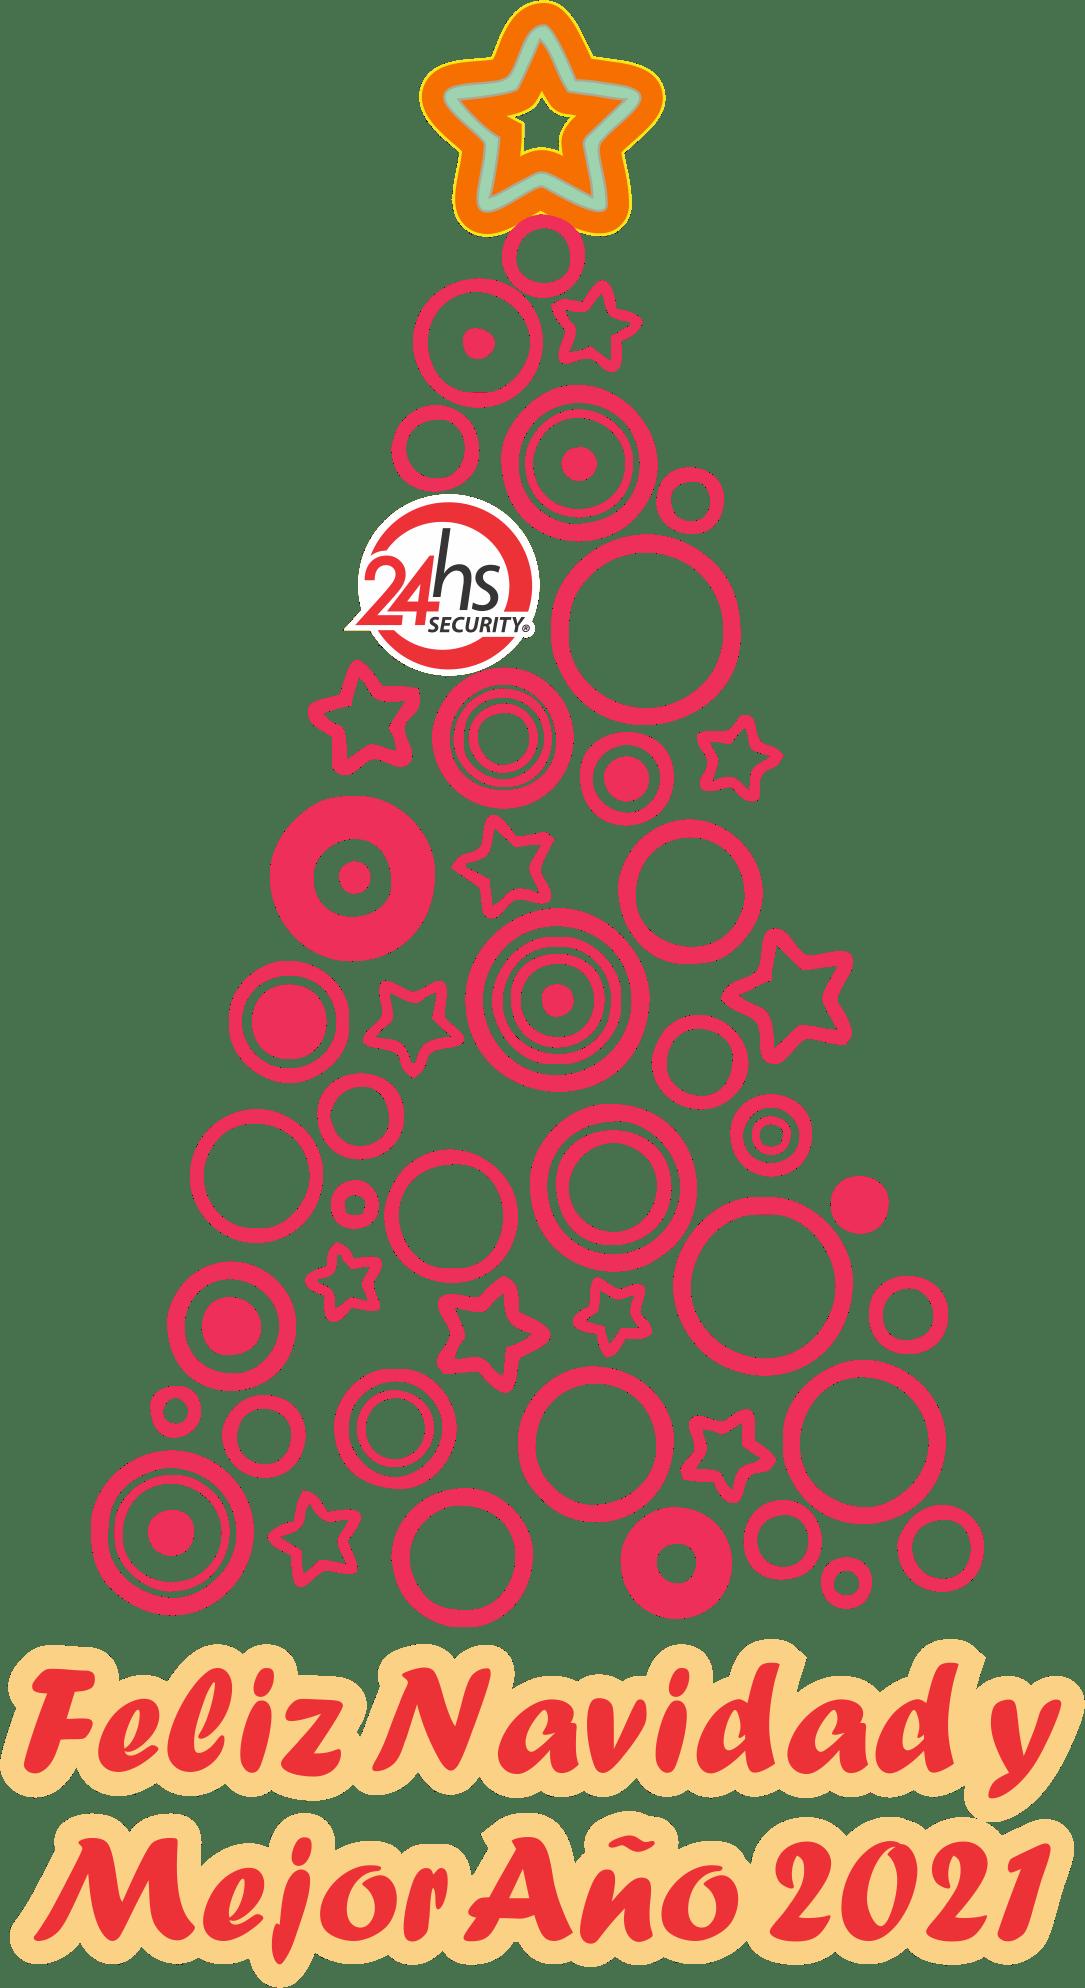 Feliz Navidad y Mejor Año 2021